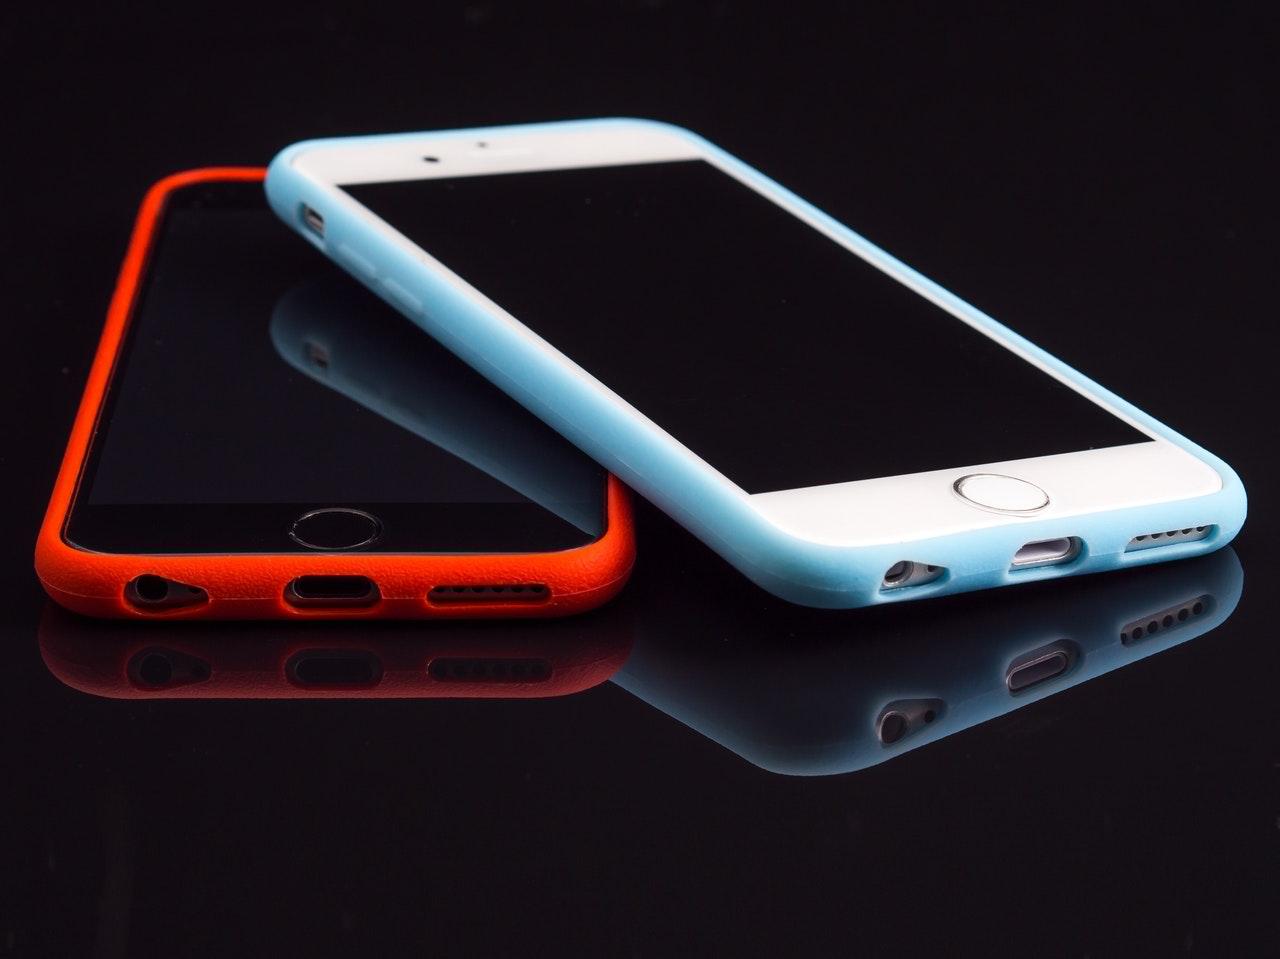 iPhoneユーザーとAndroidユーザーの特徴をまとめてみた